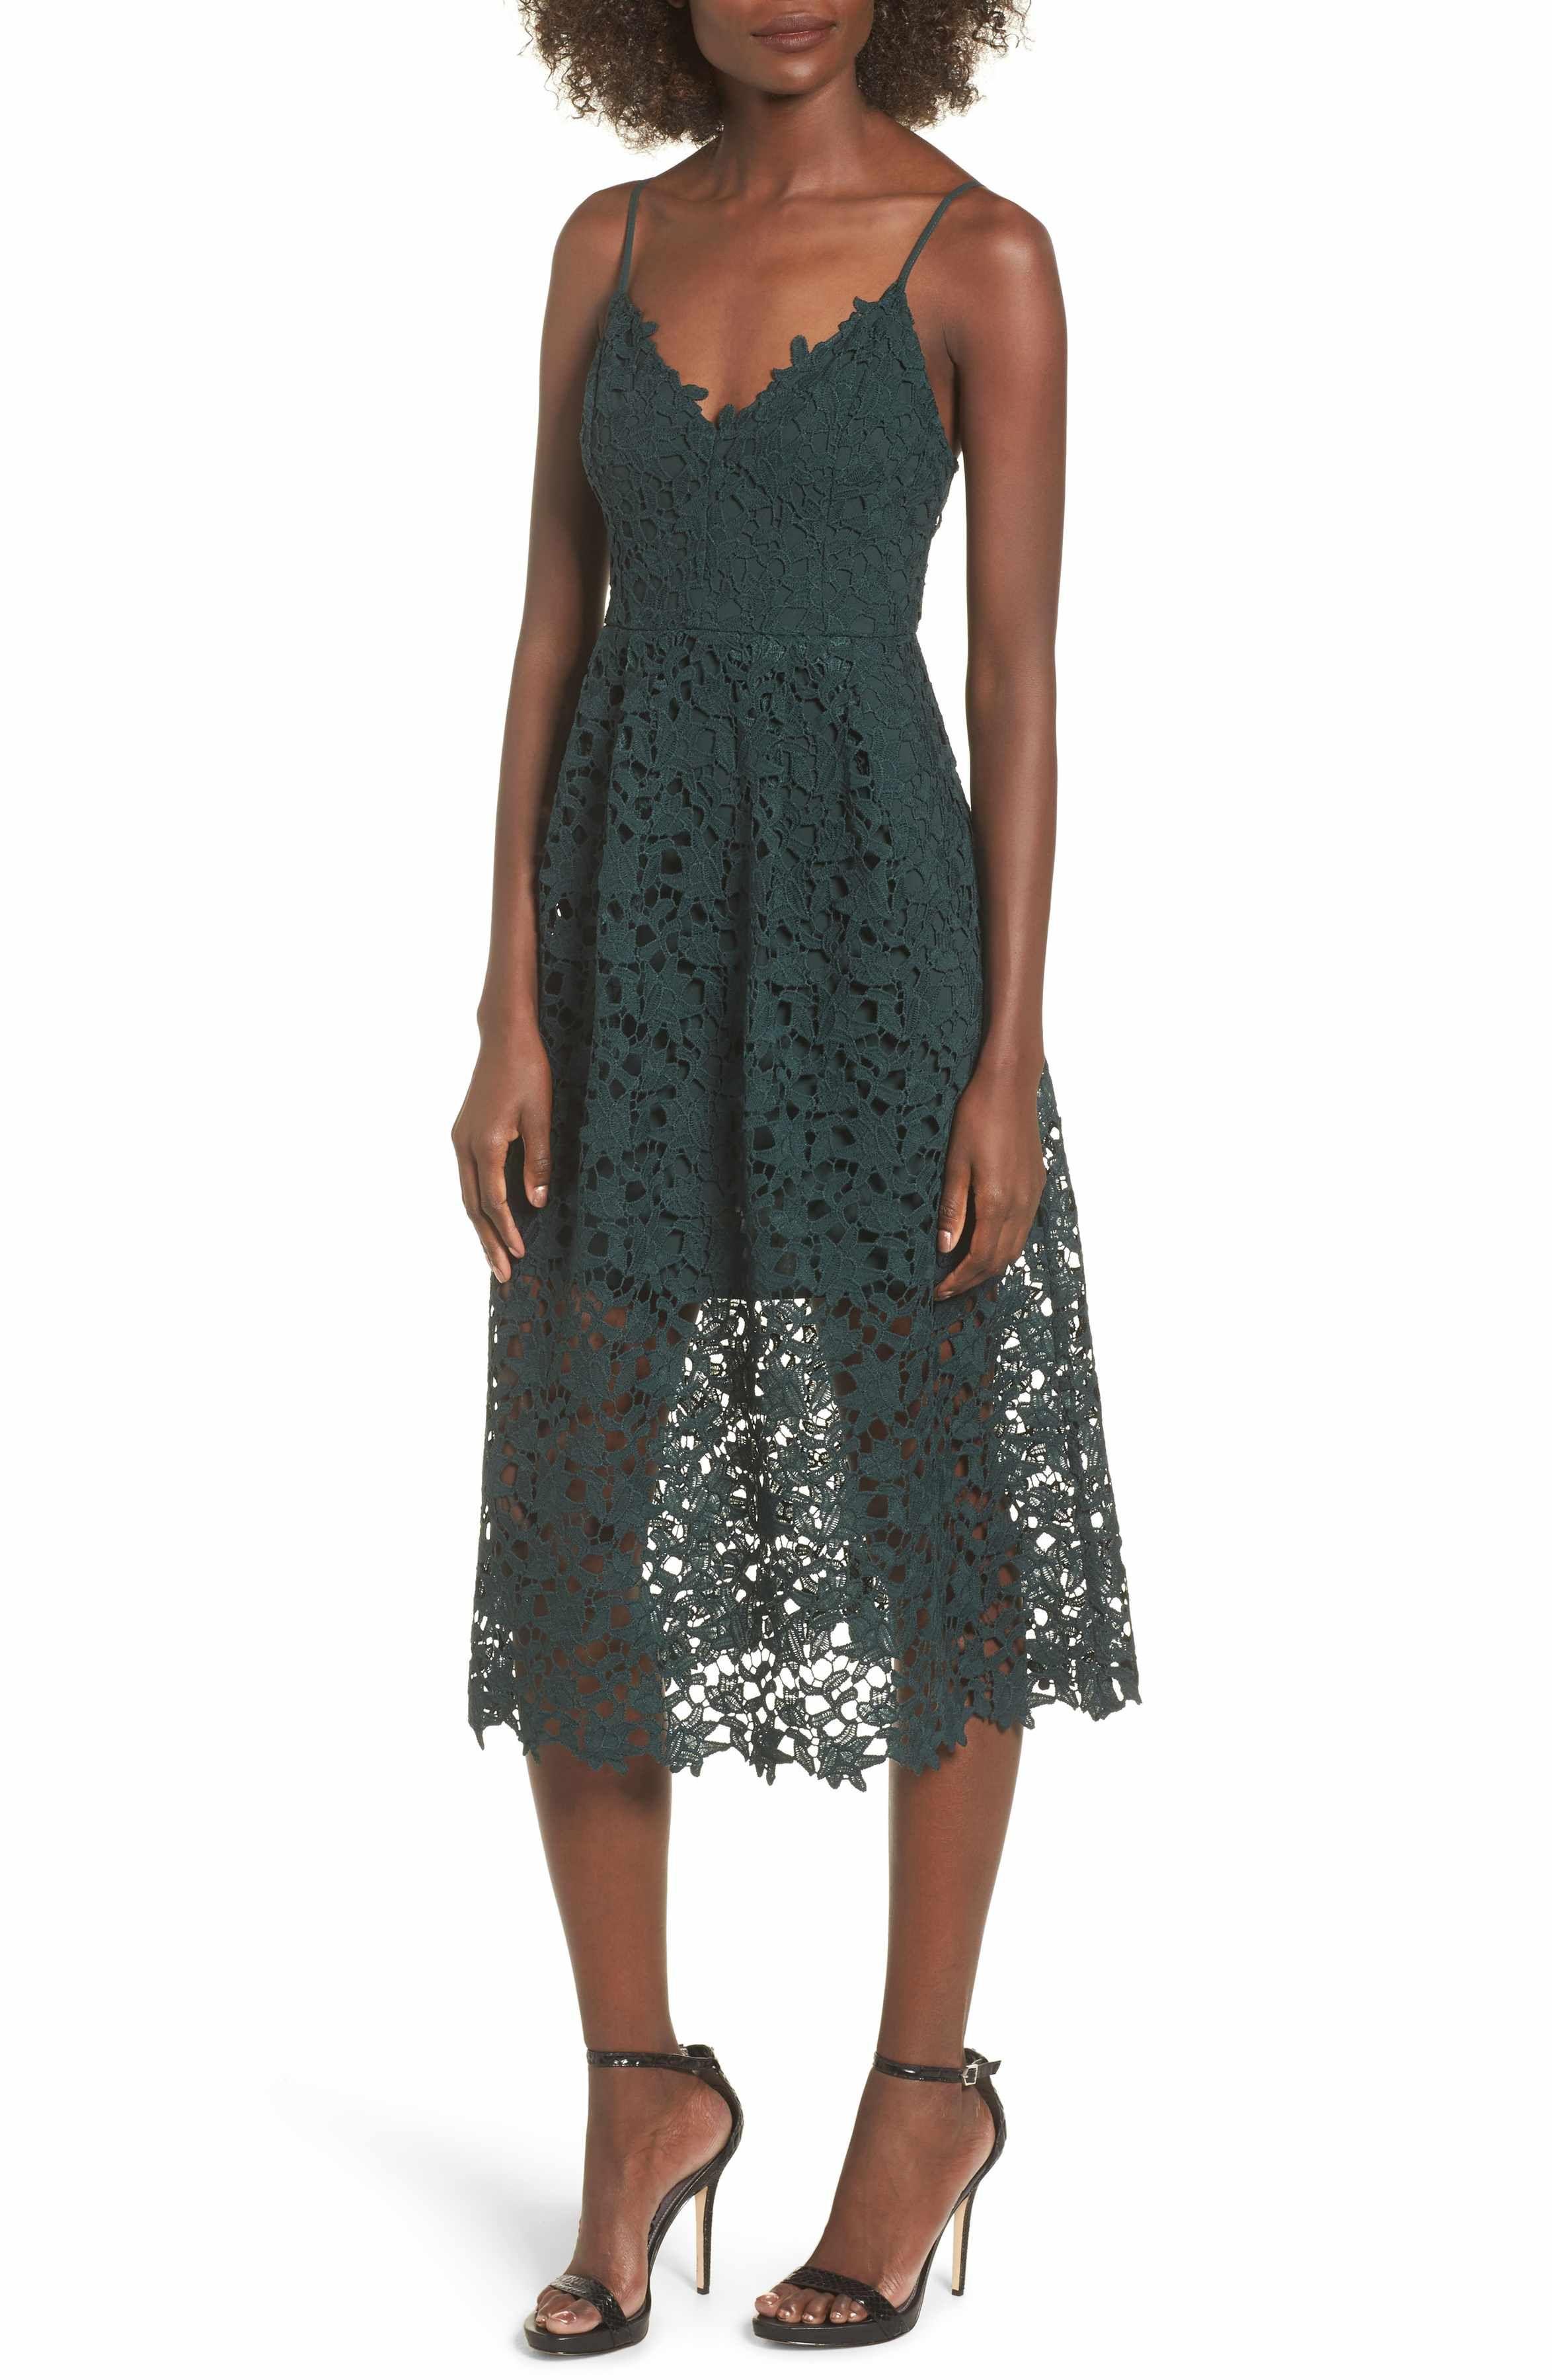 a1472d8bd764 Main Image - ASTR the Label Lace Midi Dress   love   Dresses, Lace ...